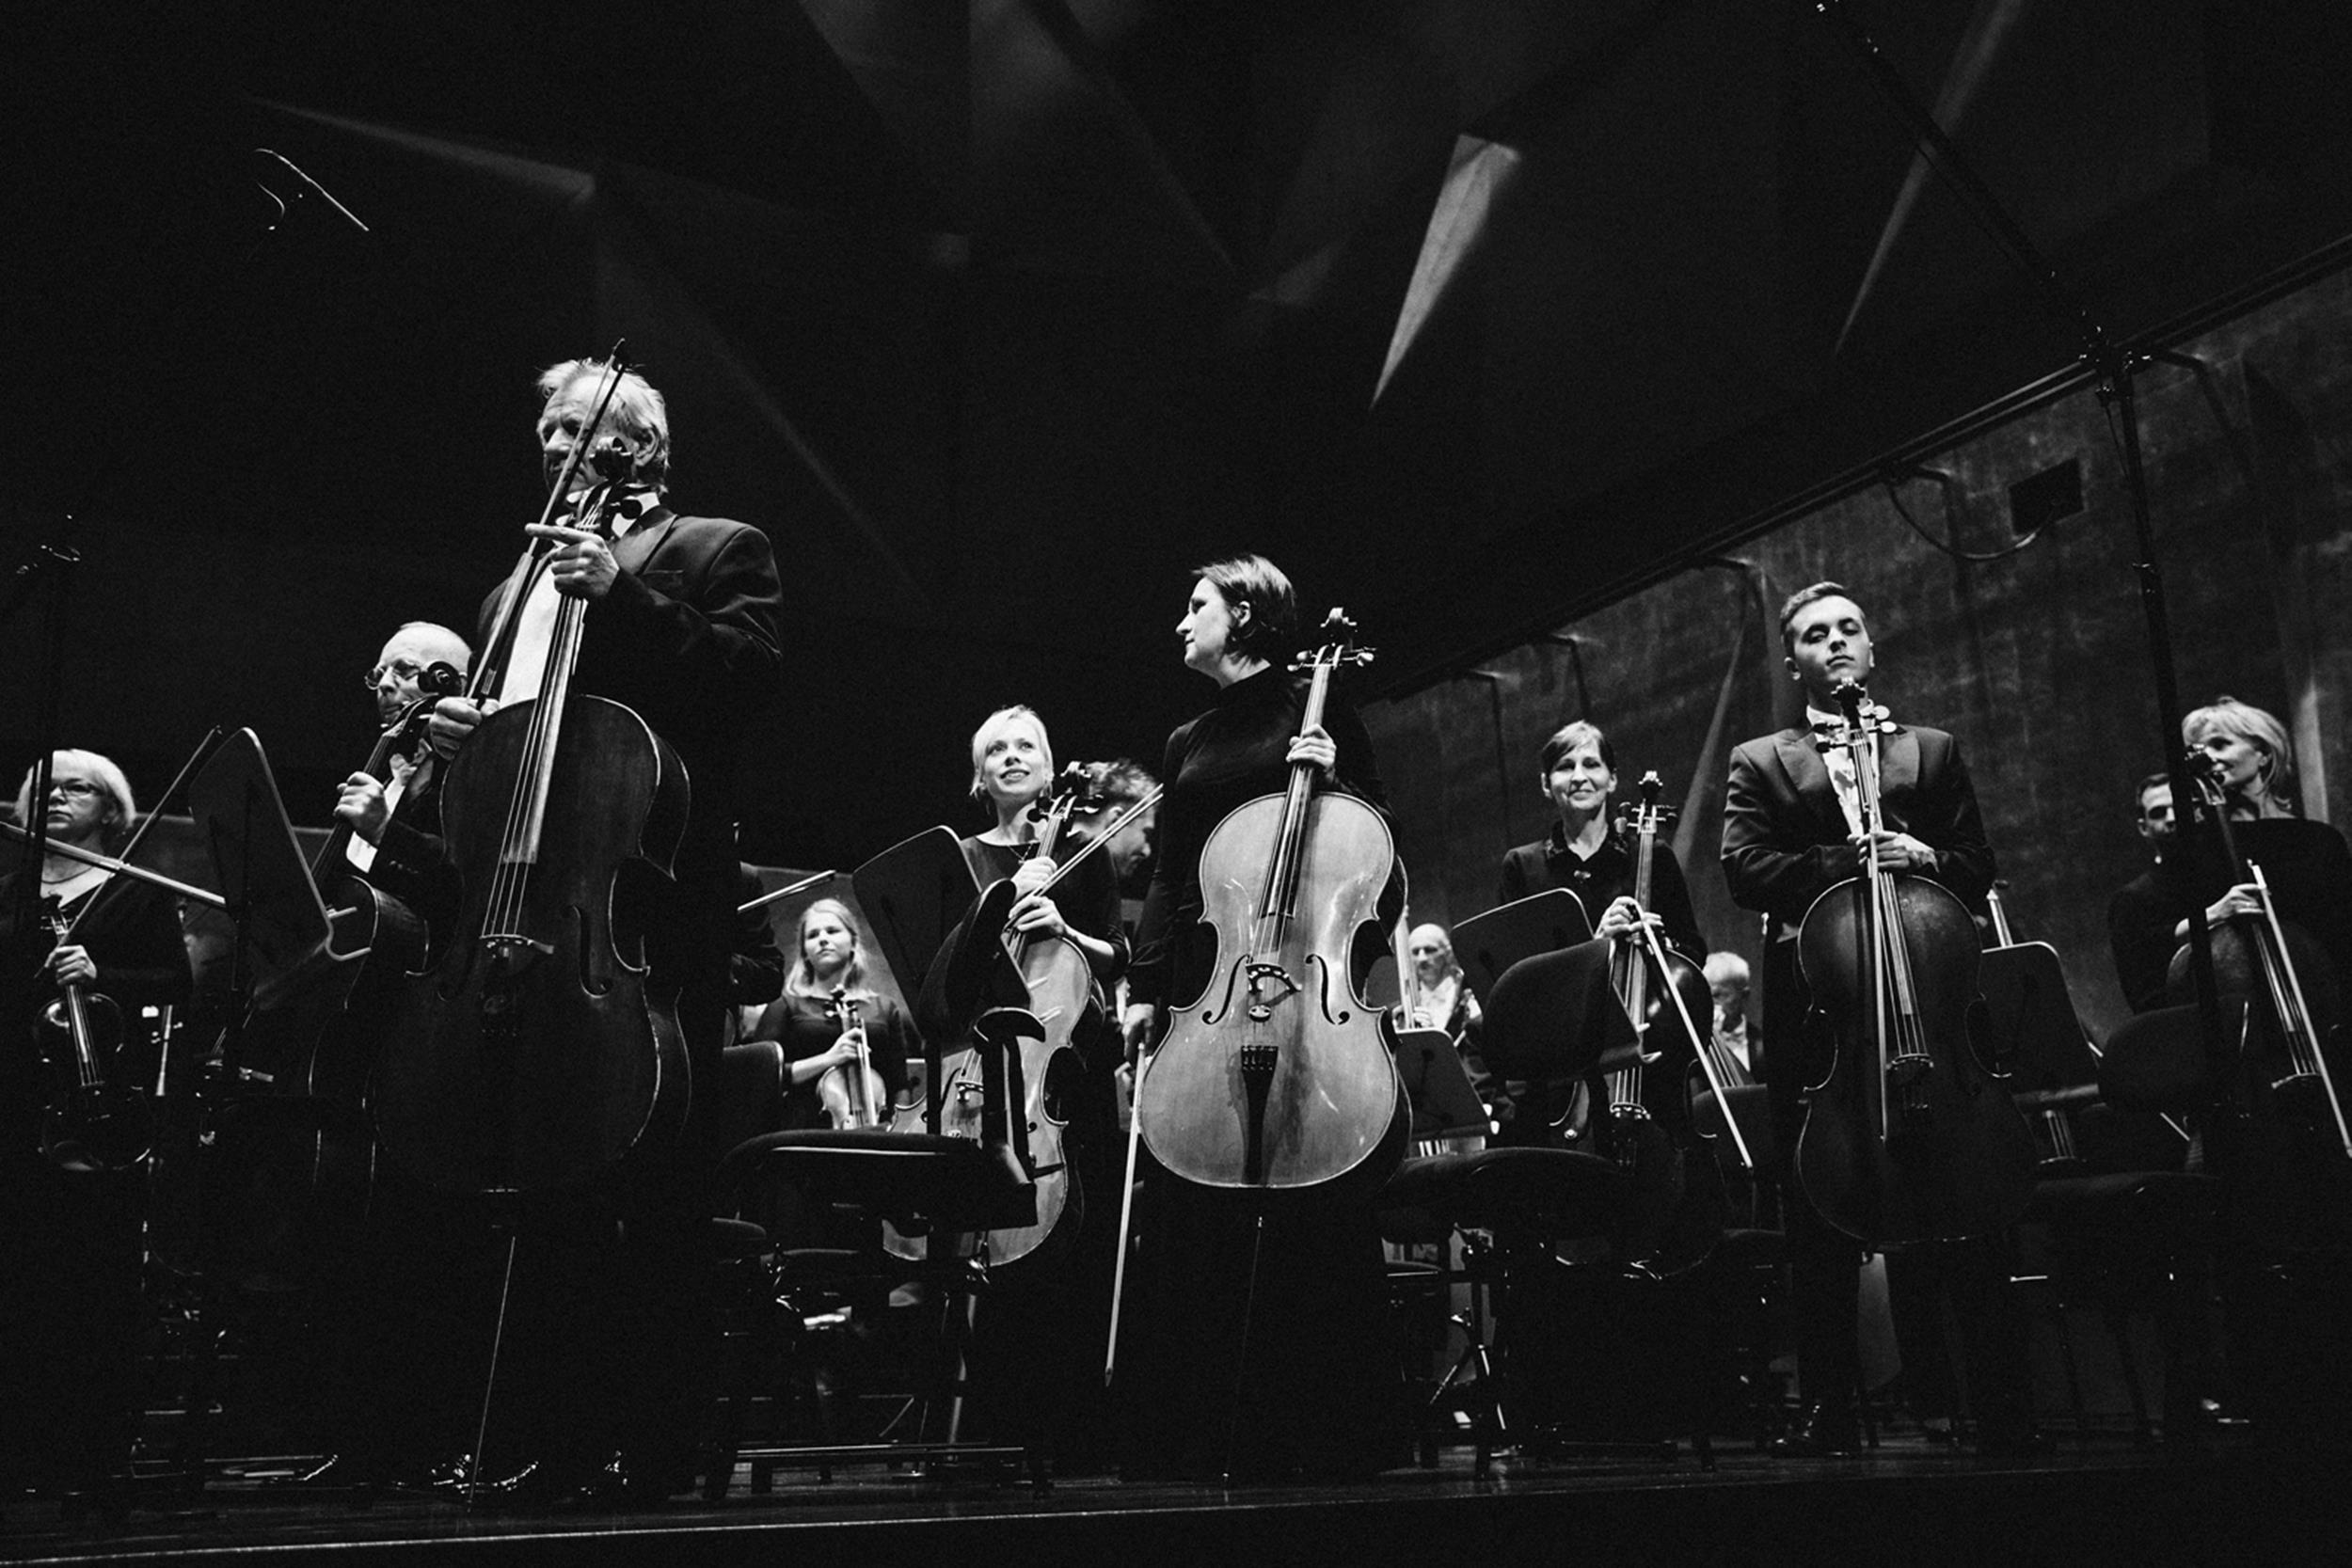 Orkiestra Filharmonii im. M Karłowicza Fot. Kinga Karpati&Daniel Zarewicz PRESTIGE PORTRAIT